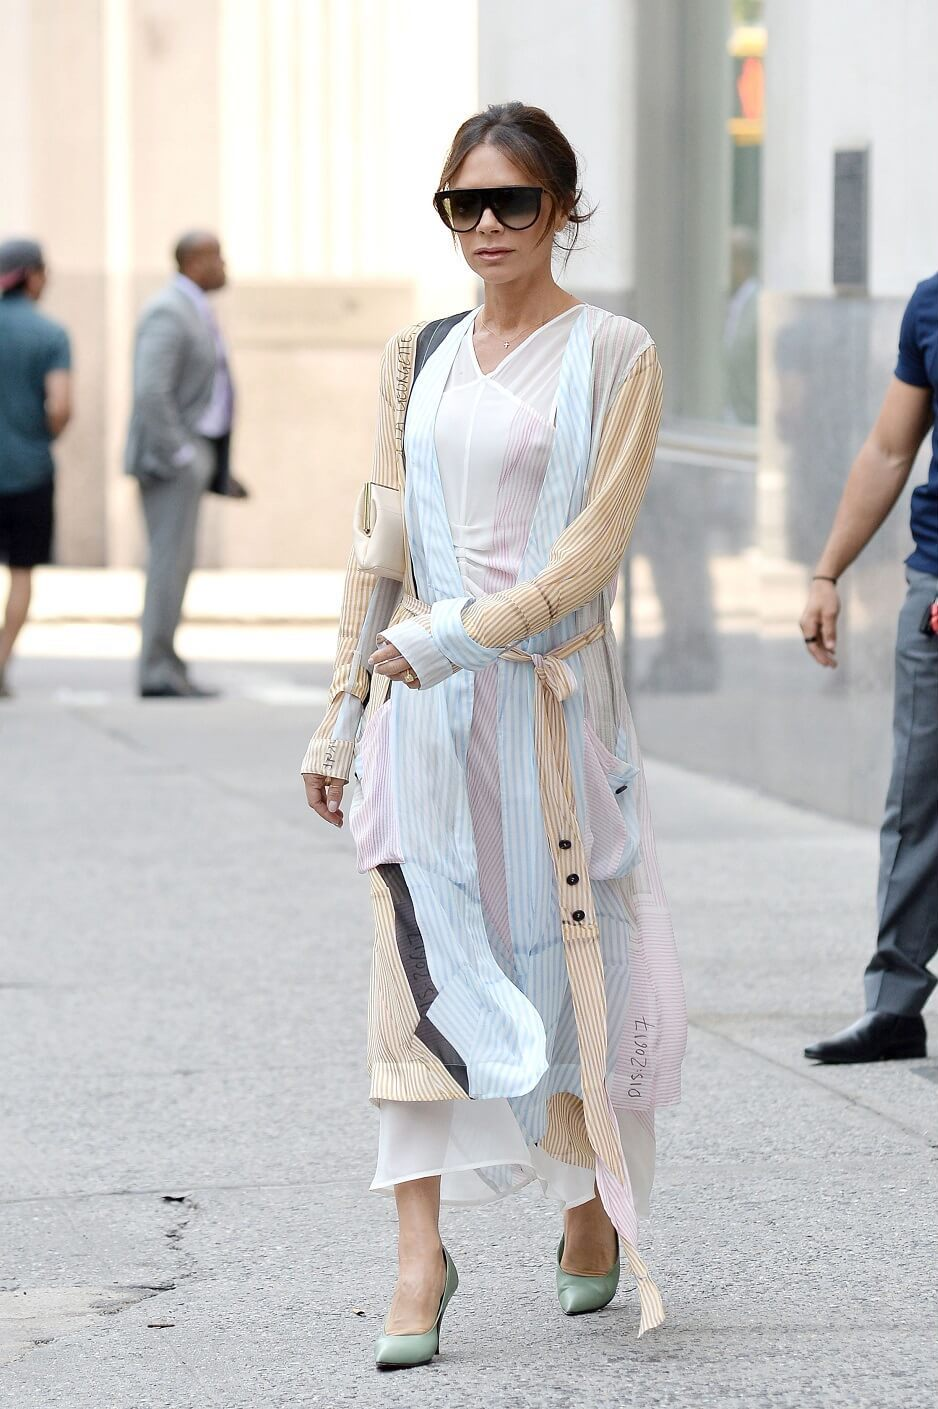 ヴィクトリア・ベッカムの私服ファッション写真(ワンピース)